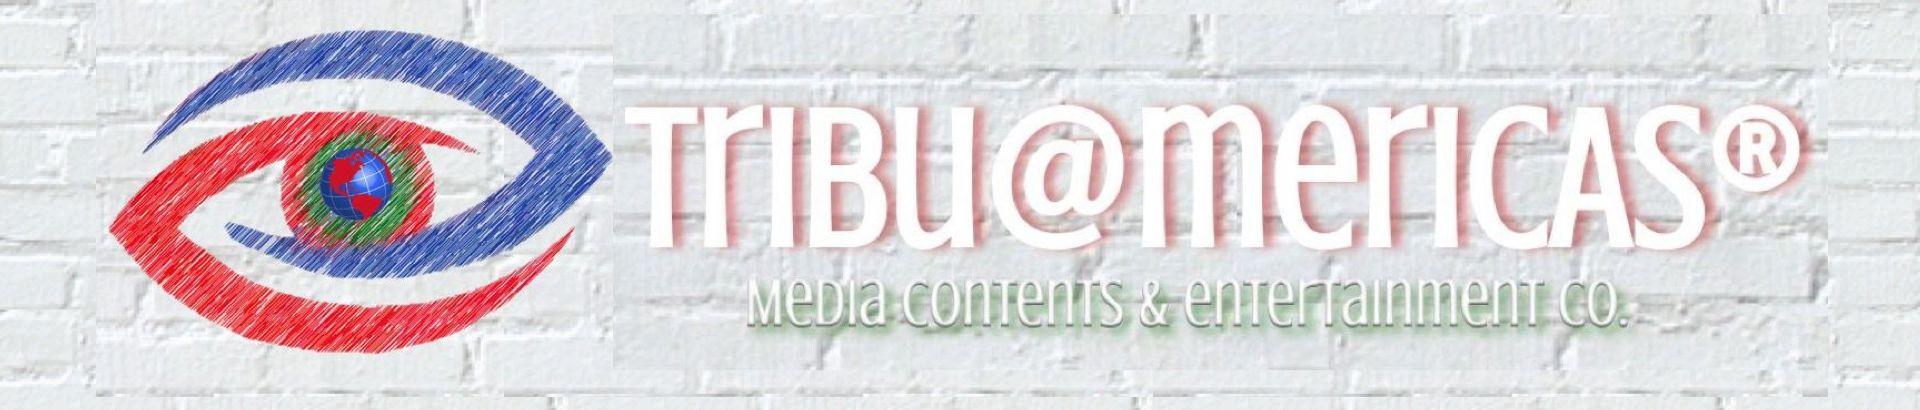 TribuAmericas Media Contents & Entertainment